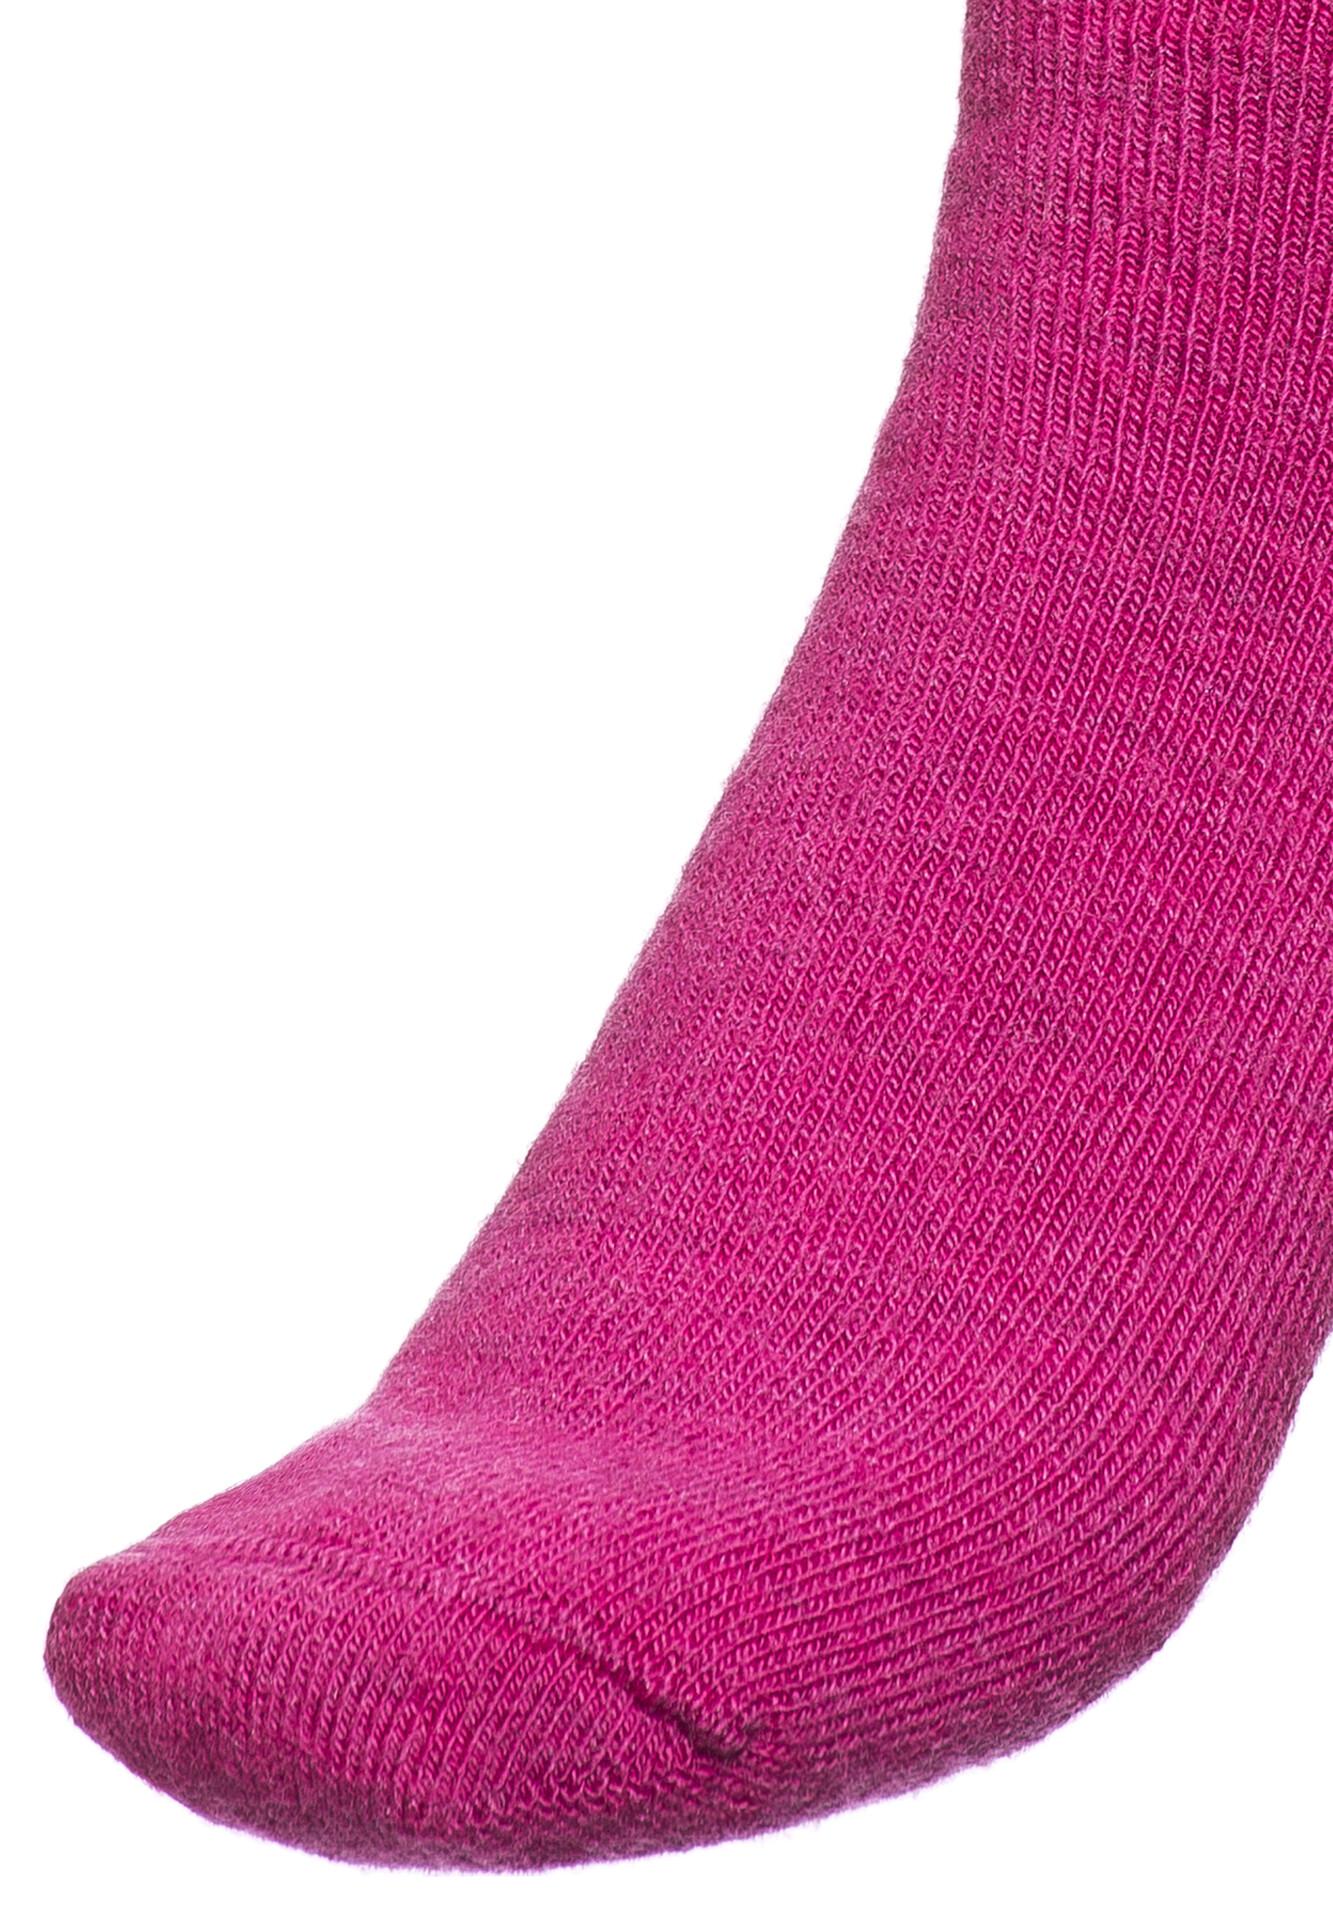 New York miglior posto per servizio eccellente calze rosa